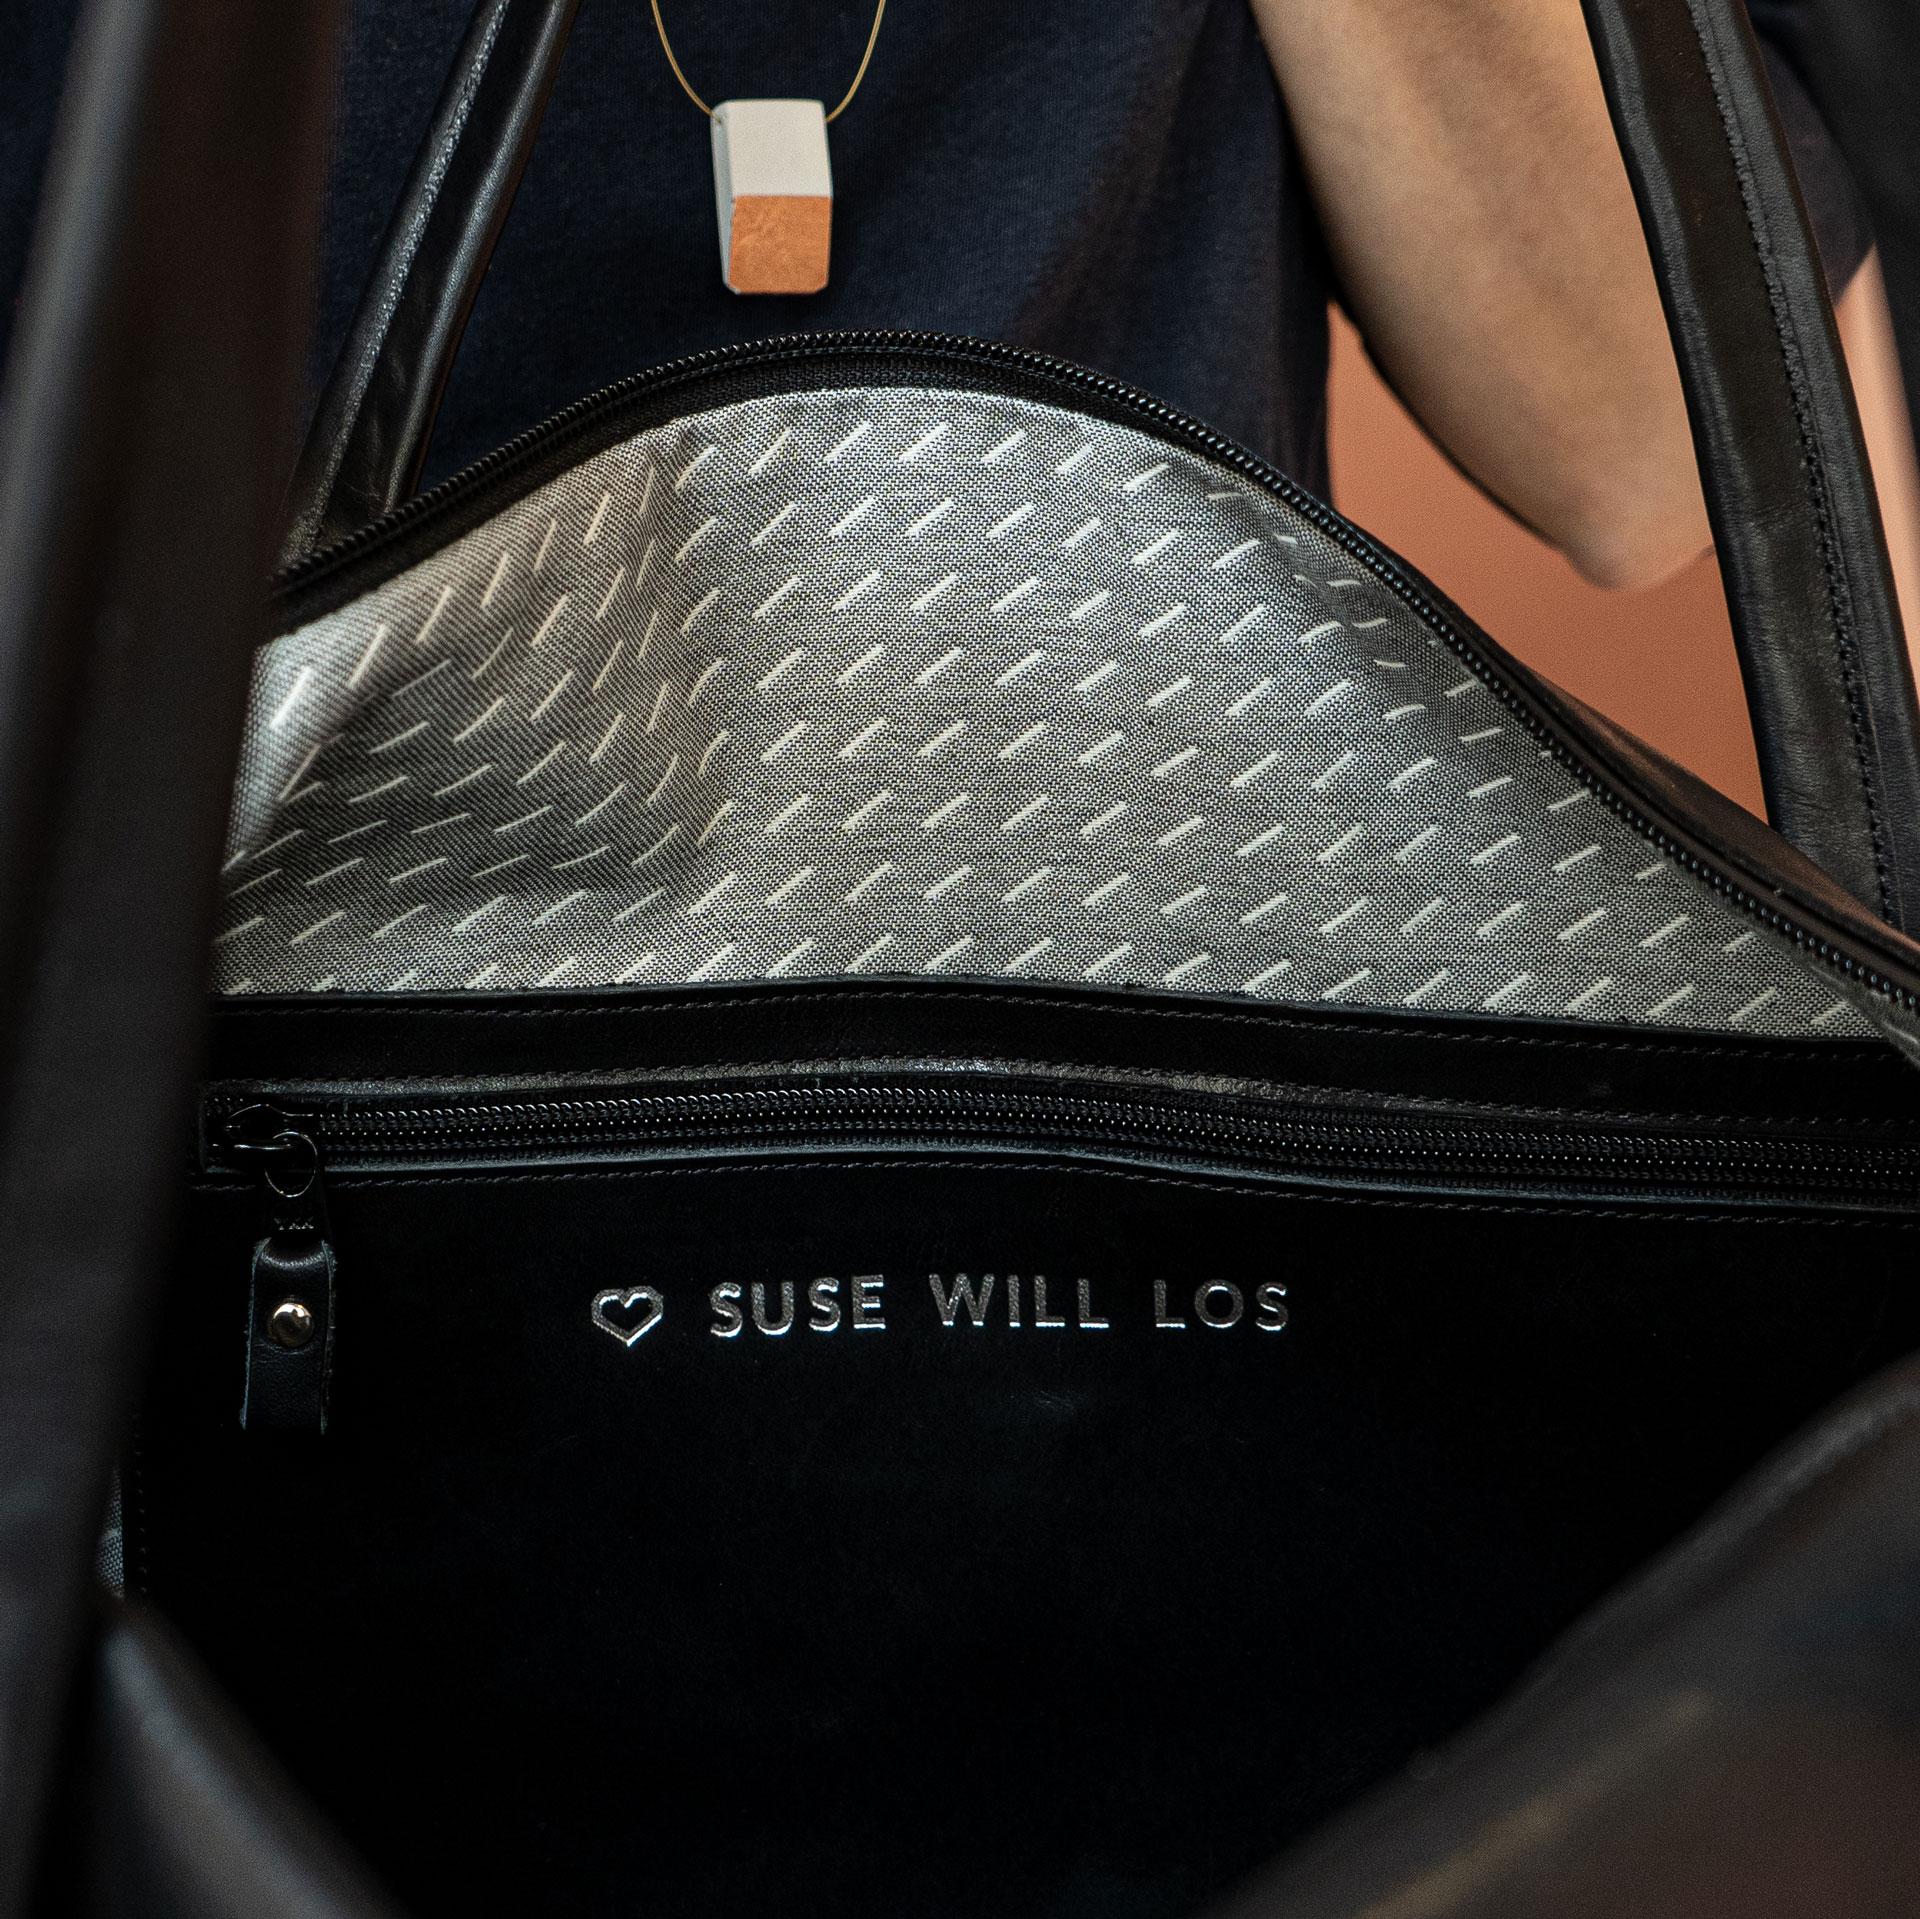 Beispiel für eine individuelle Prägung im Inneren der Tasche.